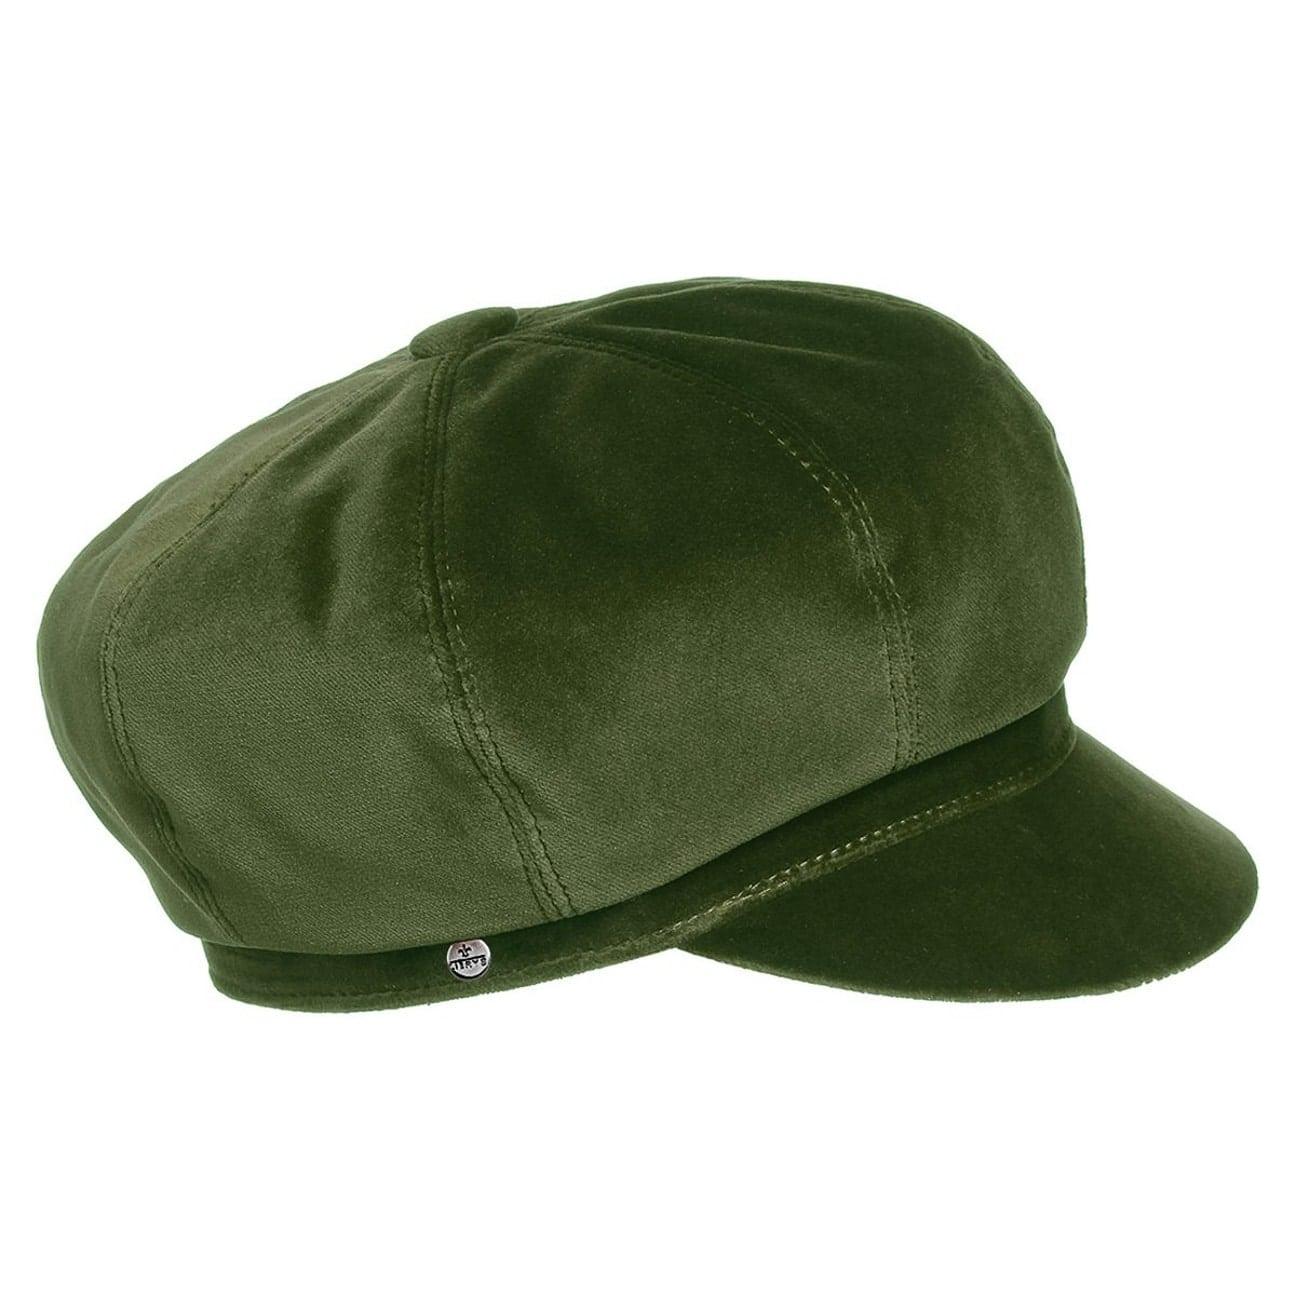 casquette gavroche en velours by lierys eur 49 95 chapeaux casquettes et bonnets en ligne. Black Bedroom Furniture Sets. Home Design Ideas